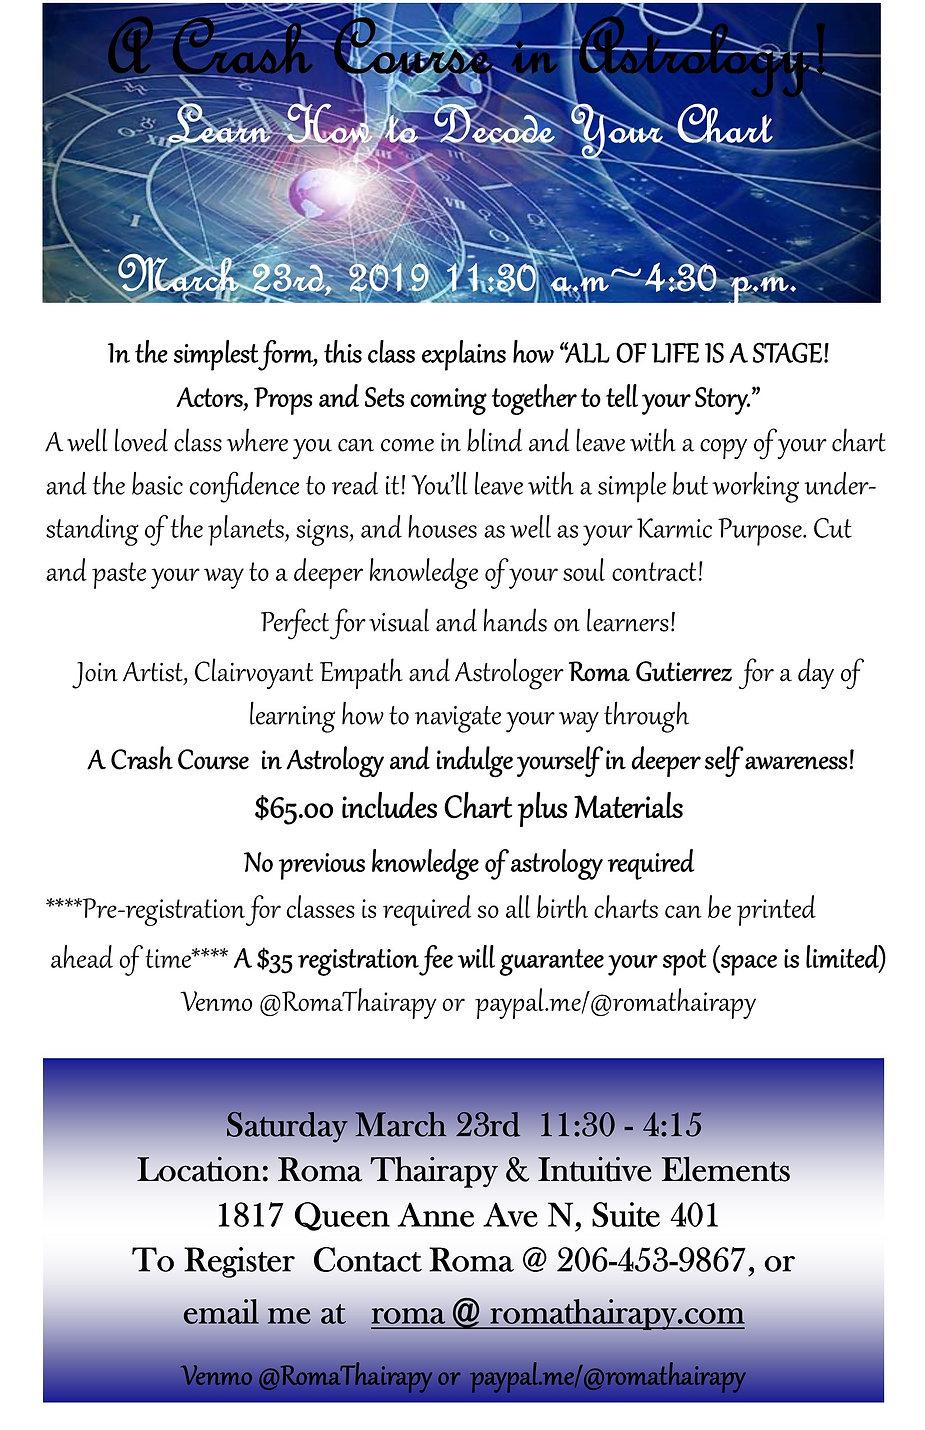 Astrology class flyer 2.jpg